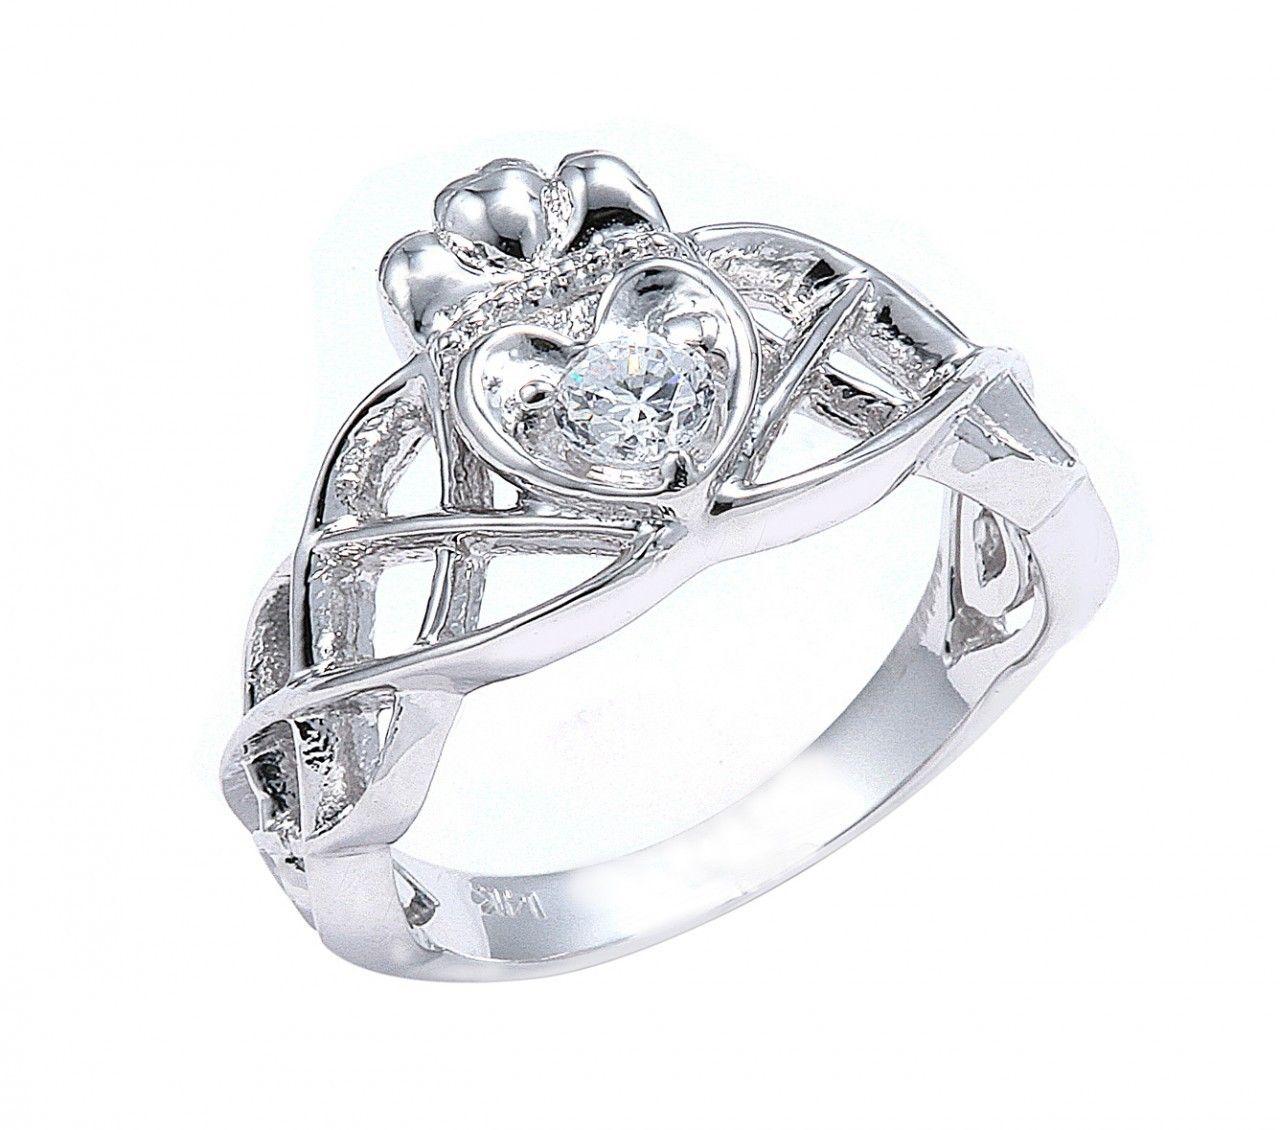 irish wedding rings Zales Diamond Engagement Rings The Diamond Claddagh And Zales Mens Wedding Rings Irish Claddagh